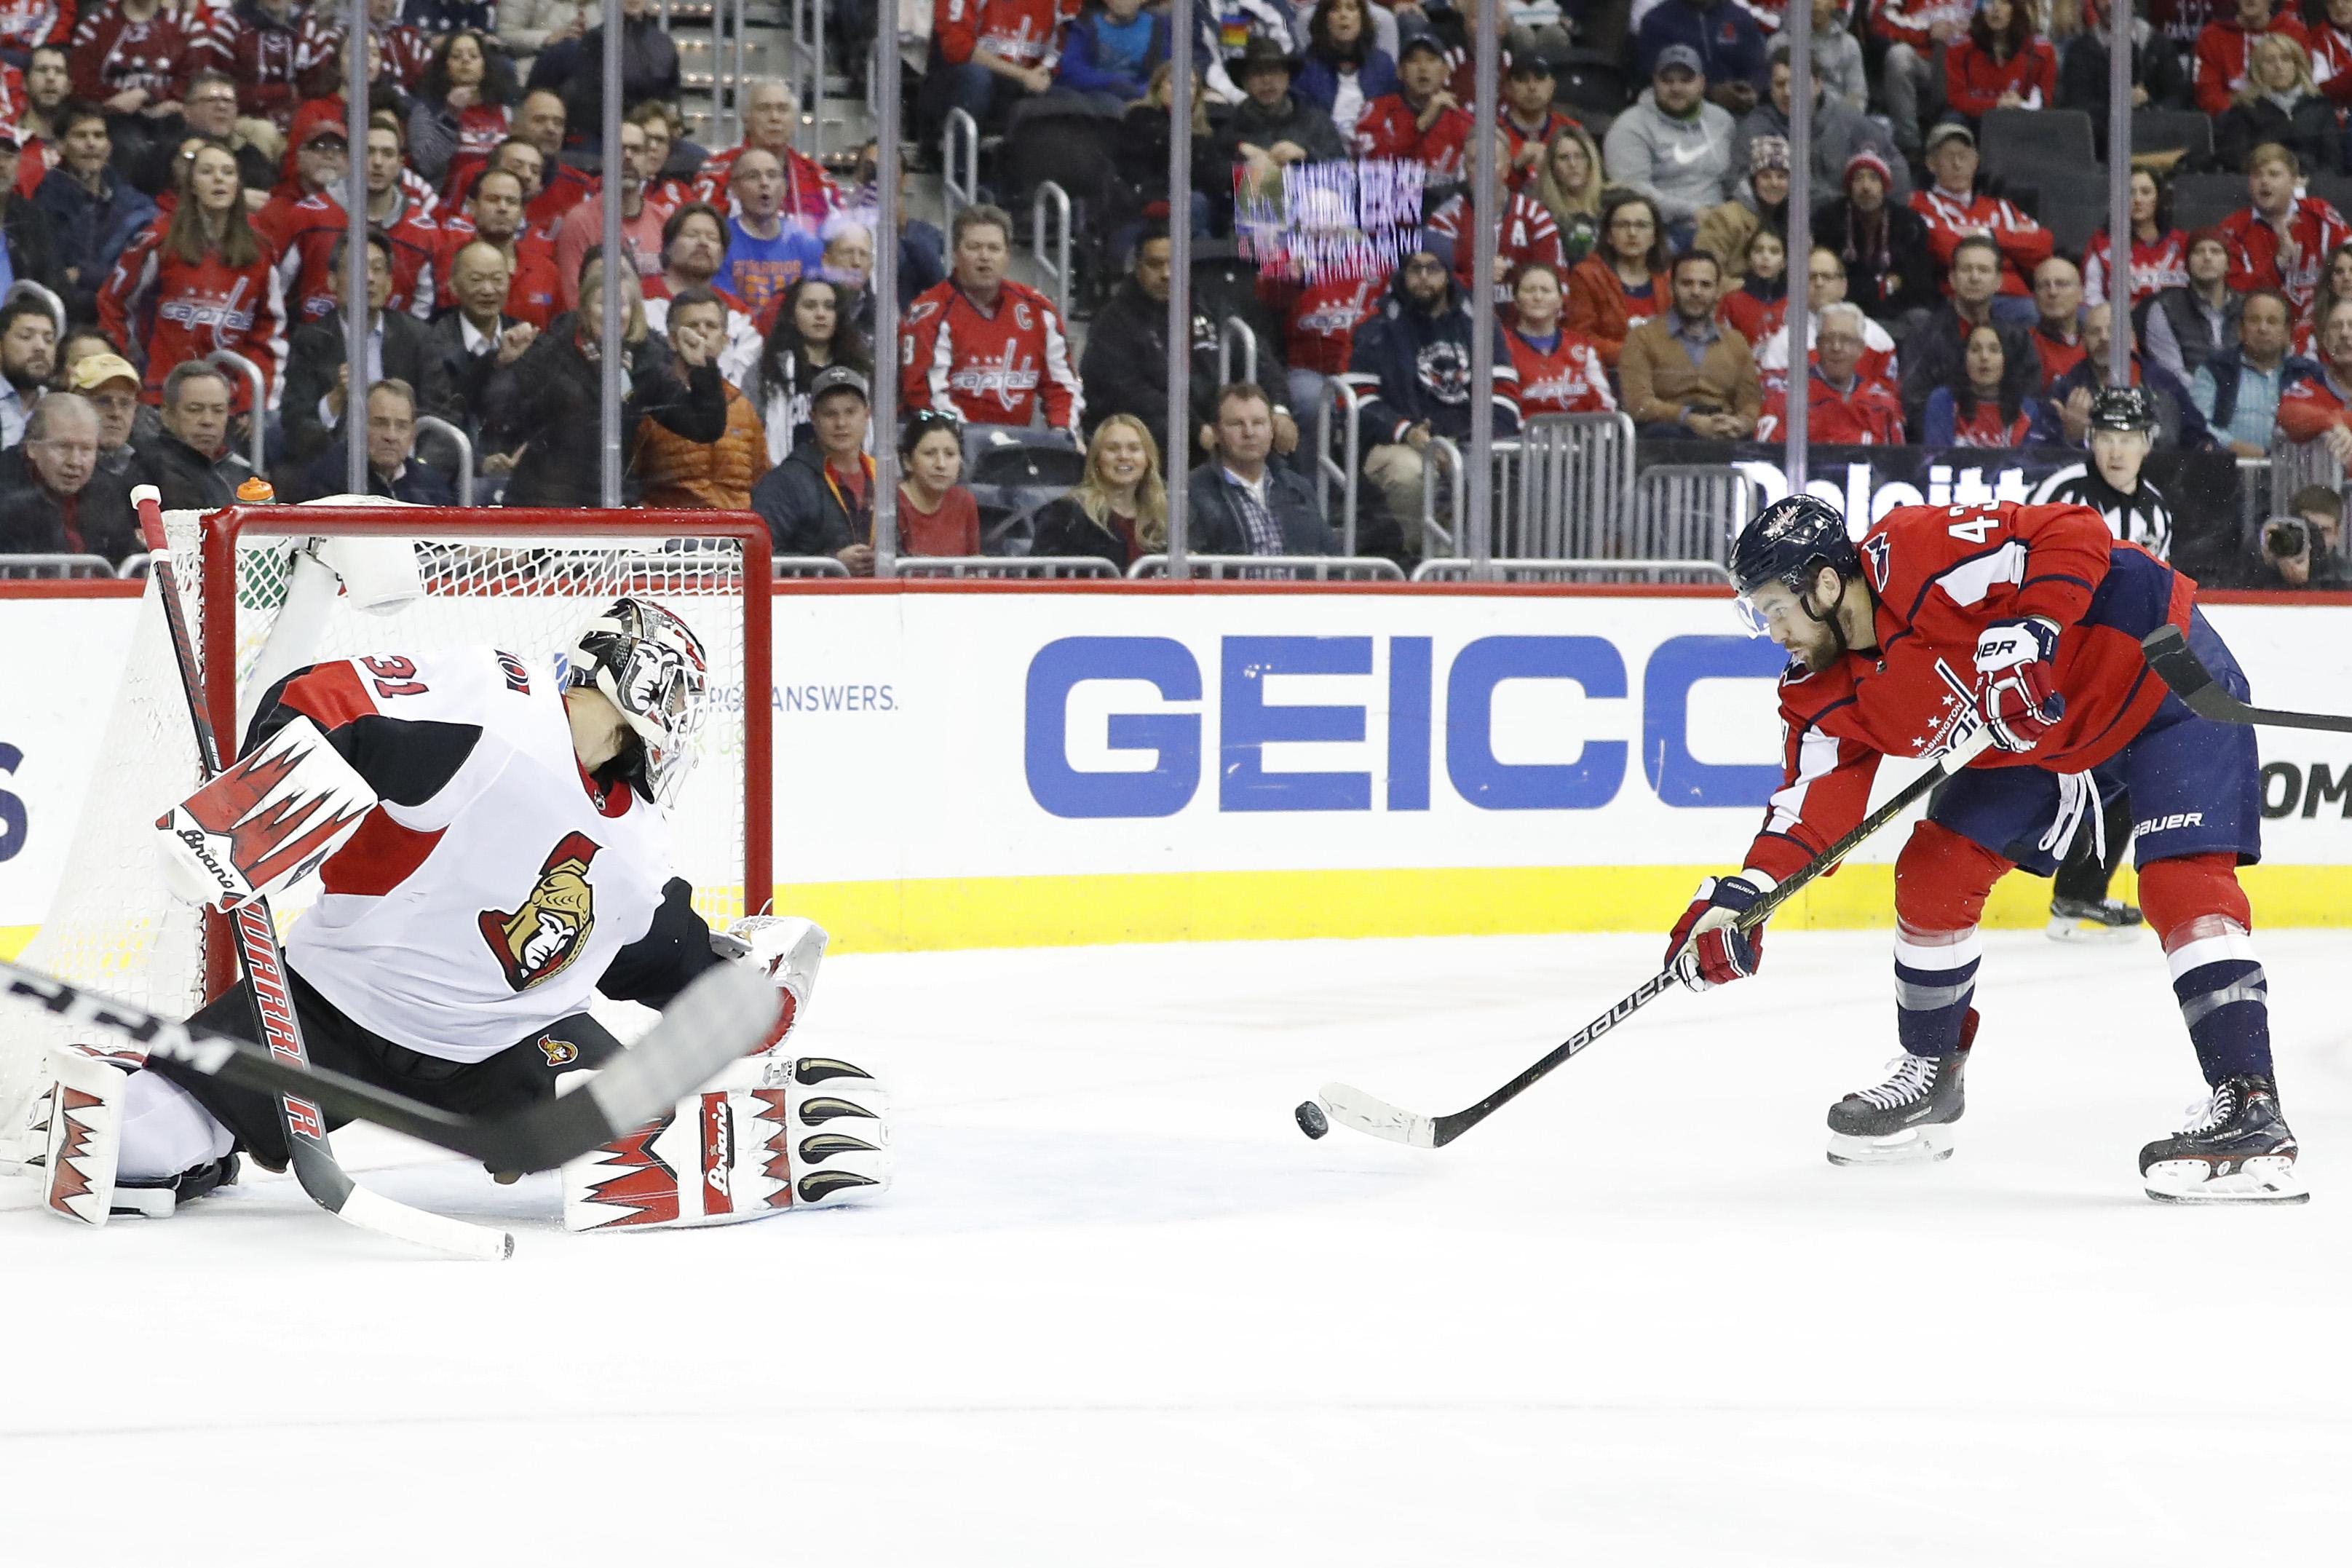 f891d87e587 Capitals vs. Senators Recap  Seven Straight Goals Give Washington ...